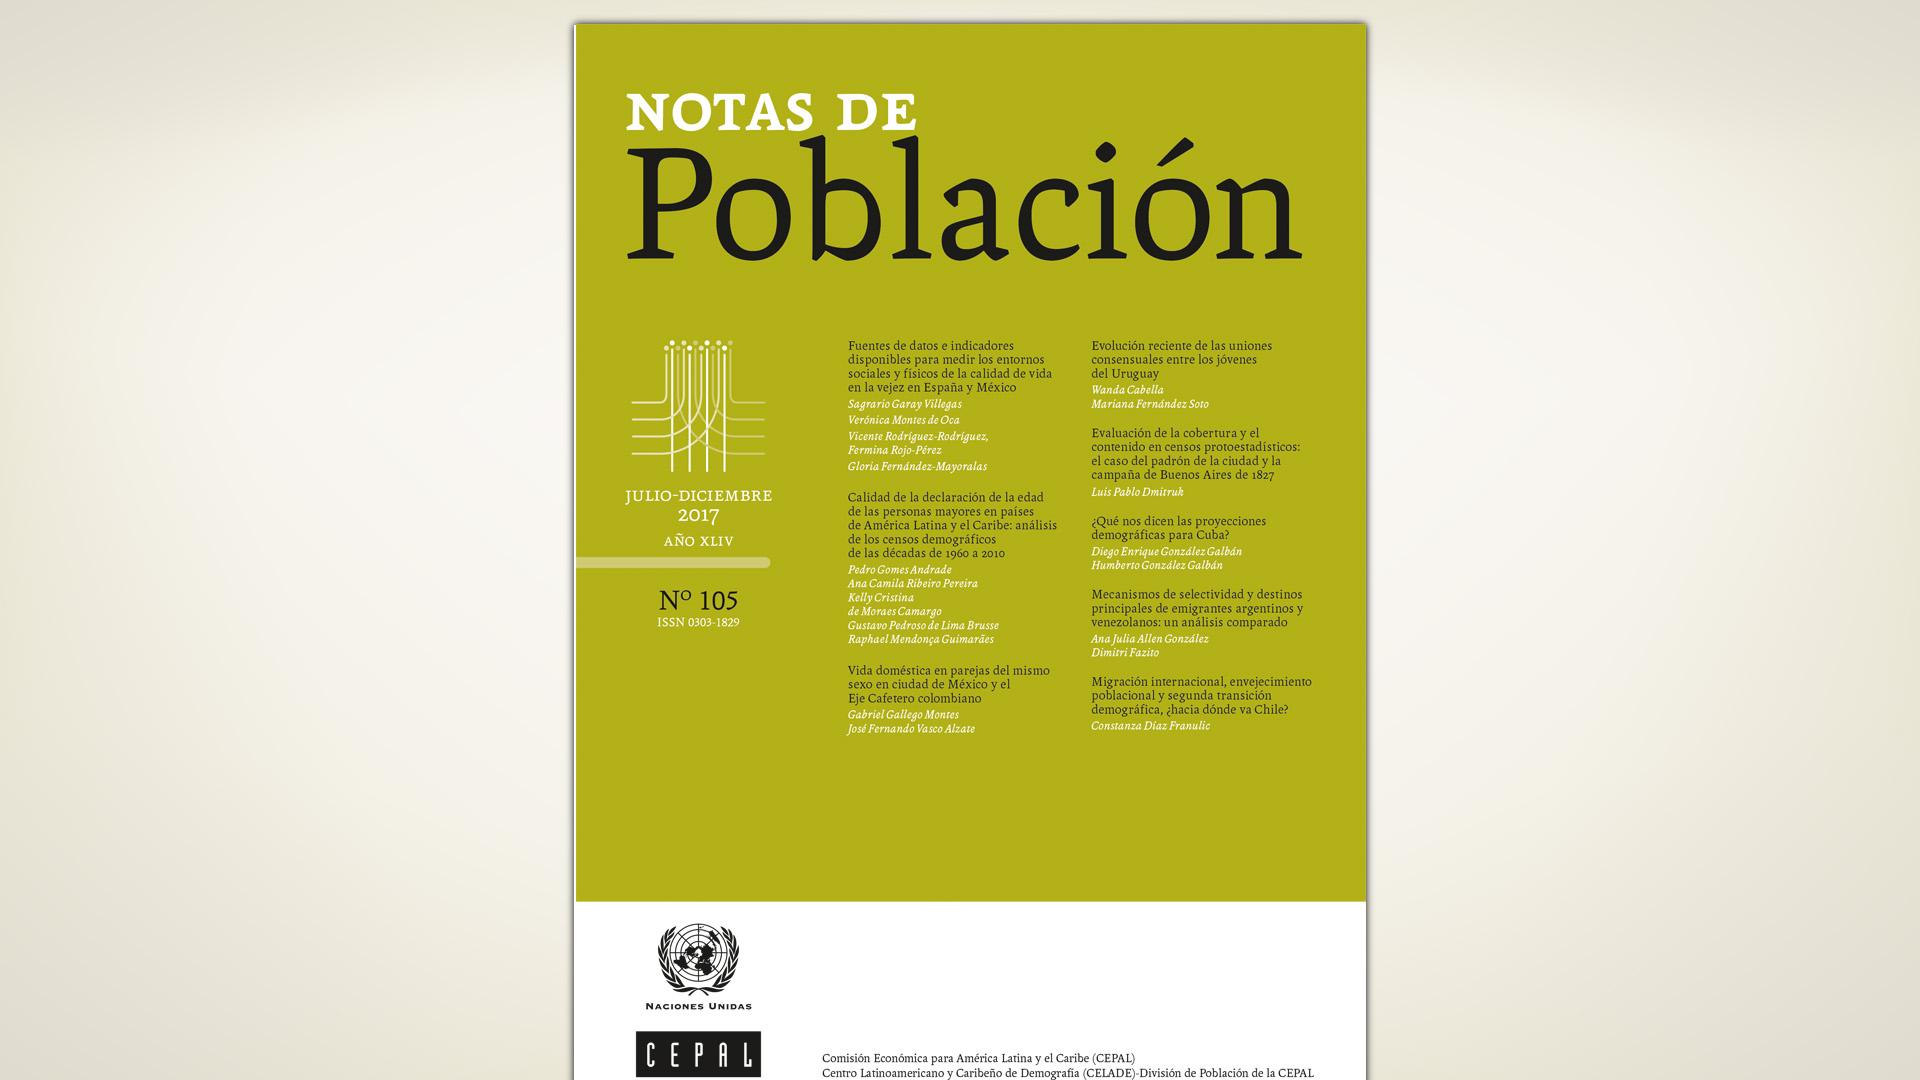 Portada de la Revista Notas de Población número 105.